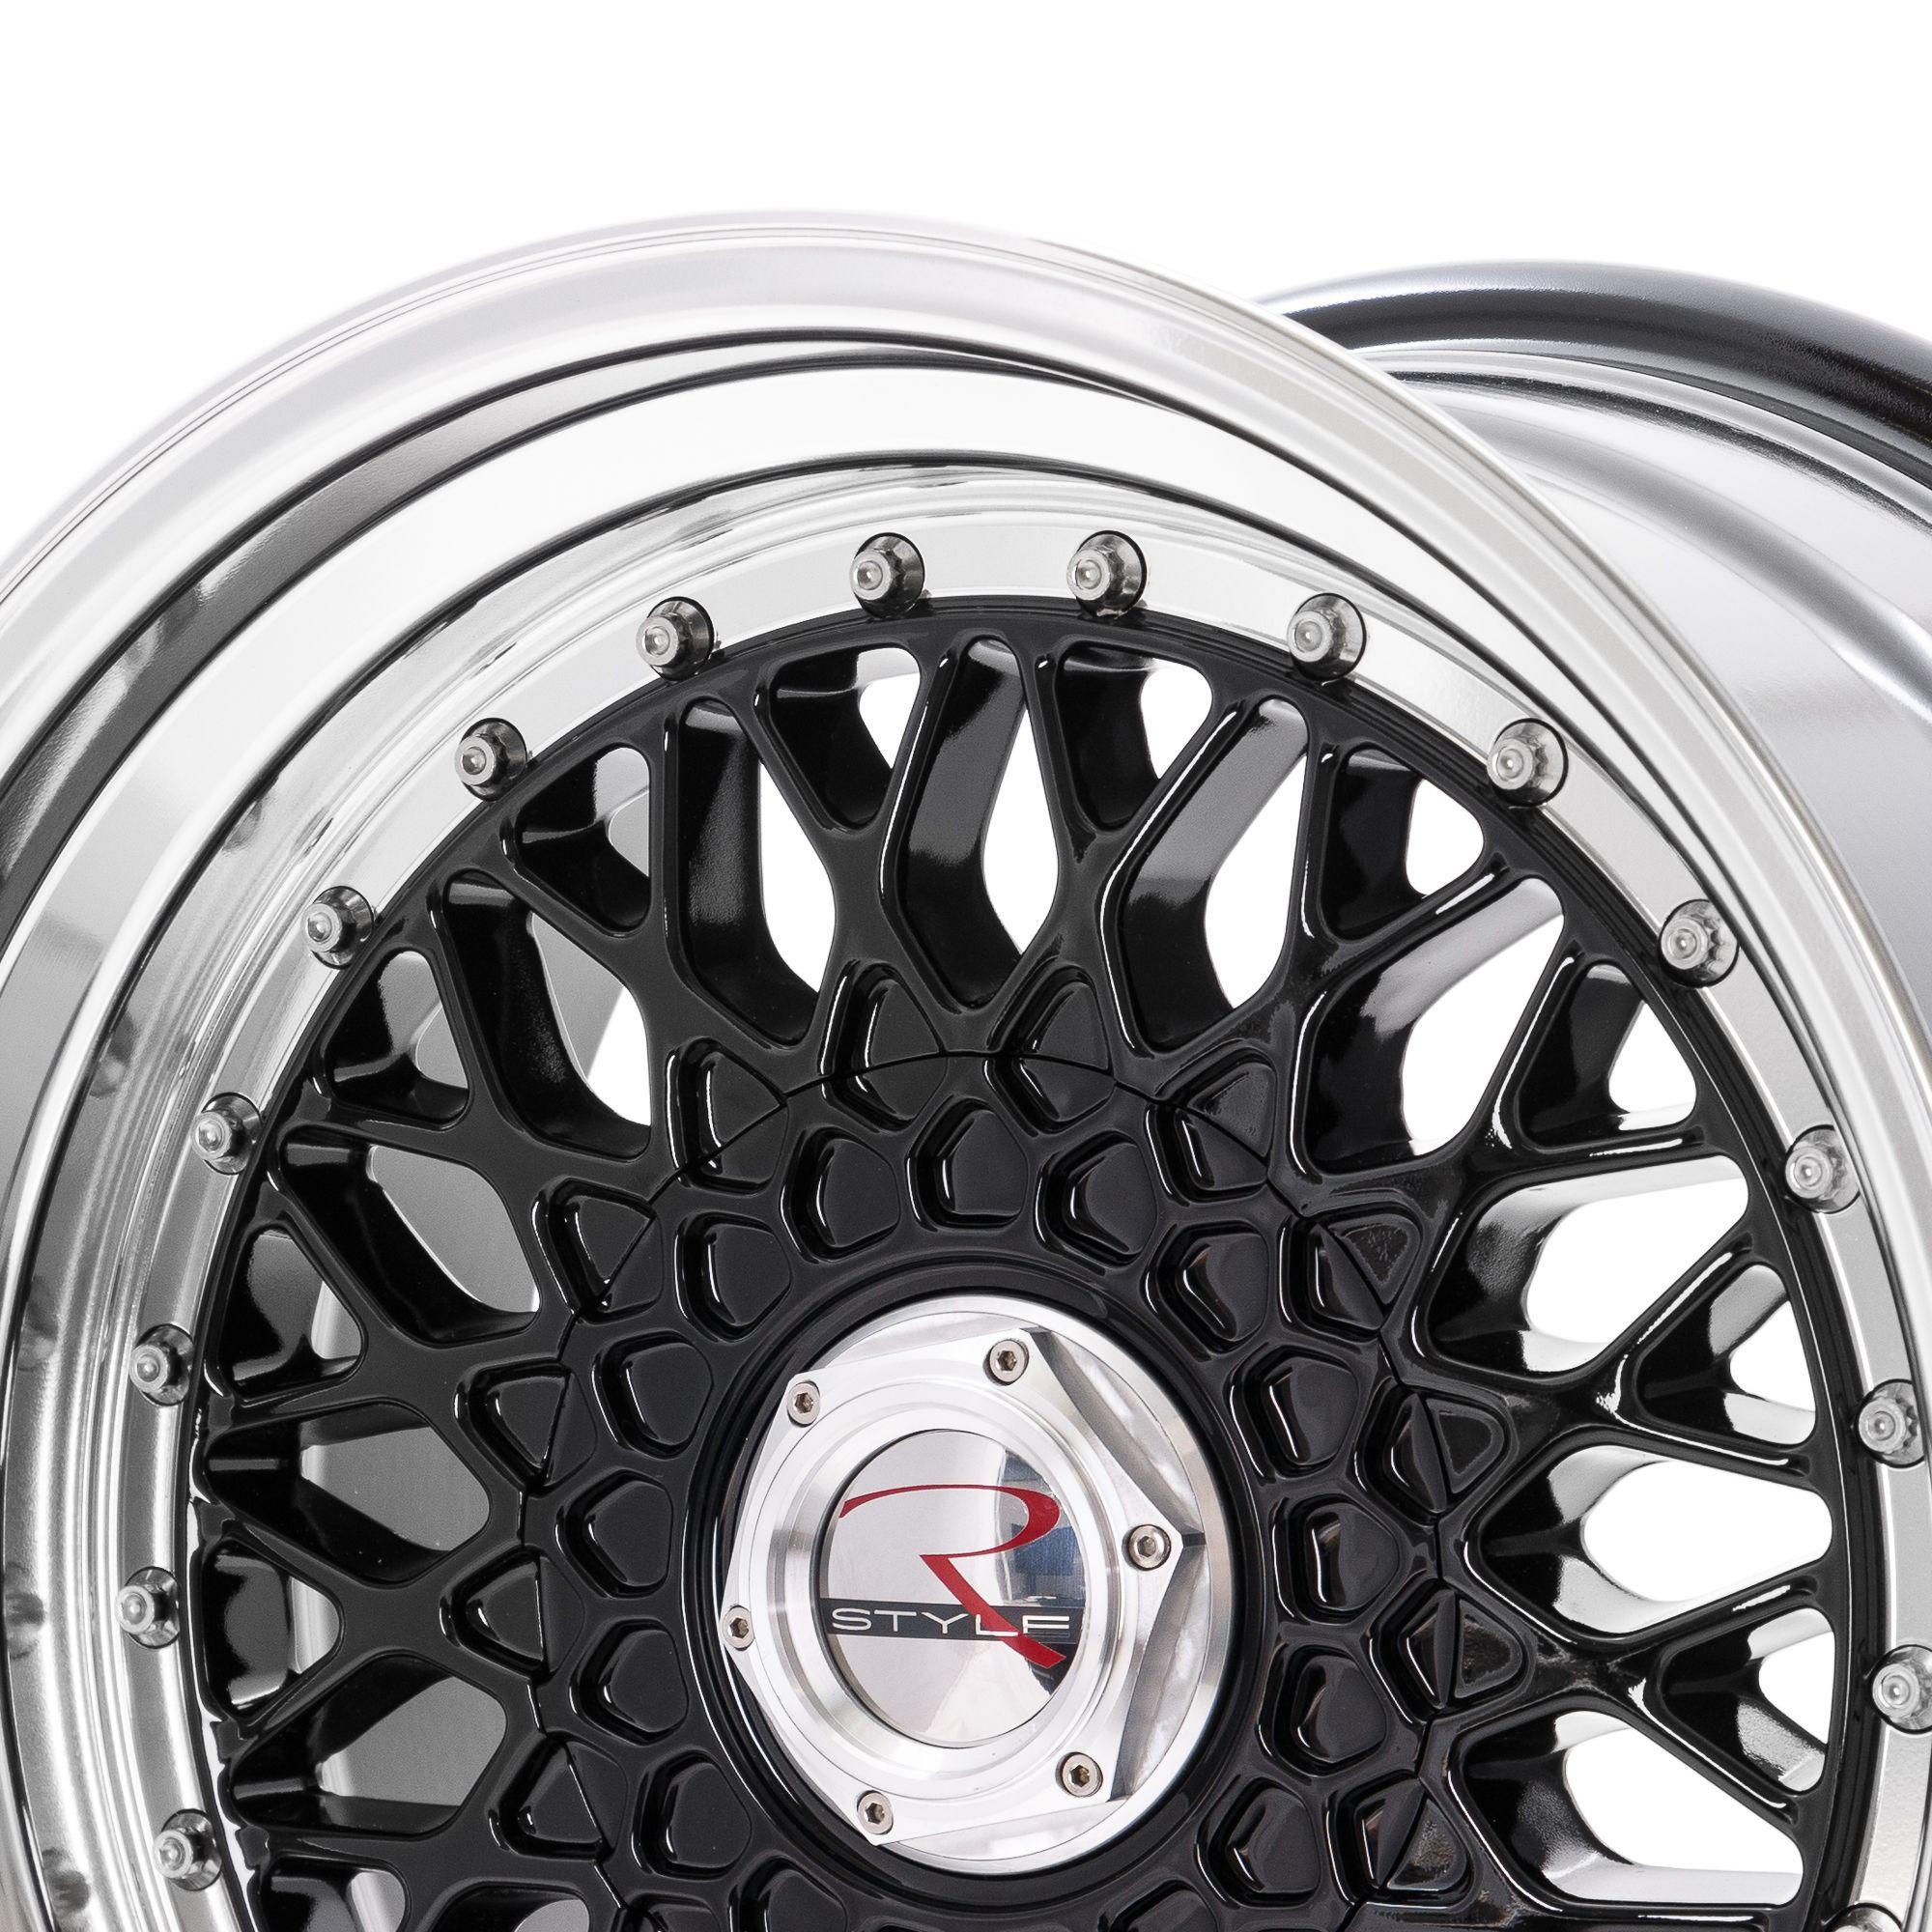 rstyle wheels rs01 felgen black horn polished schwarz. Black Bedroom Furniture Sets. Home Design Ideas